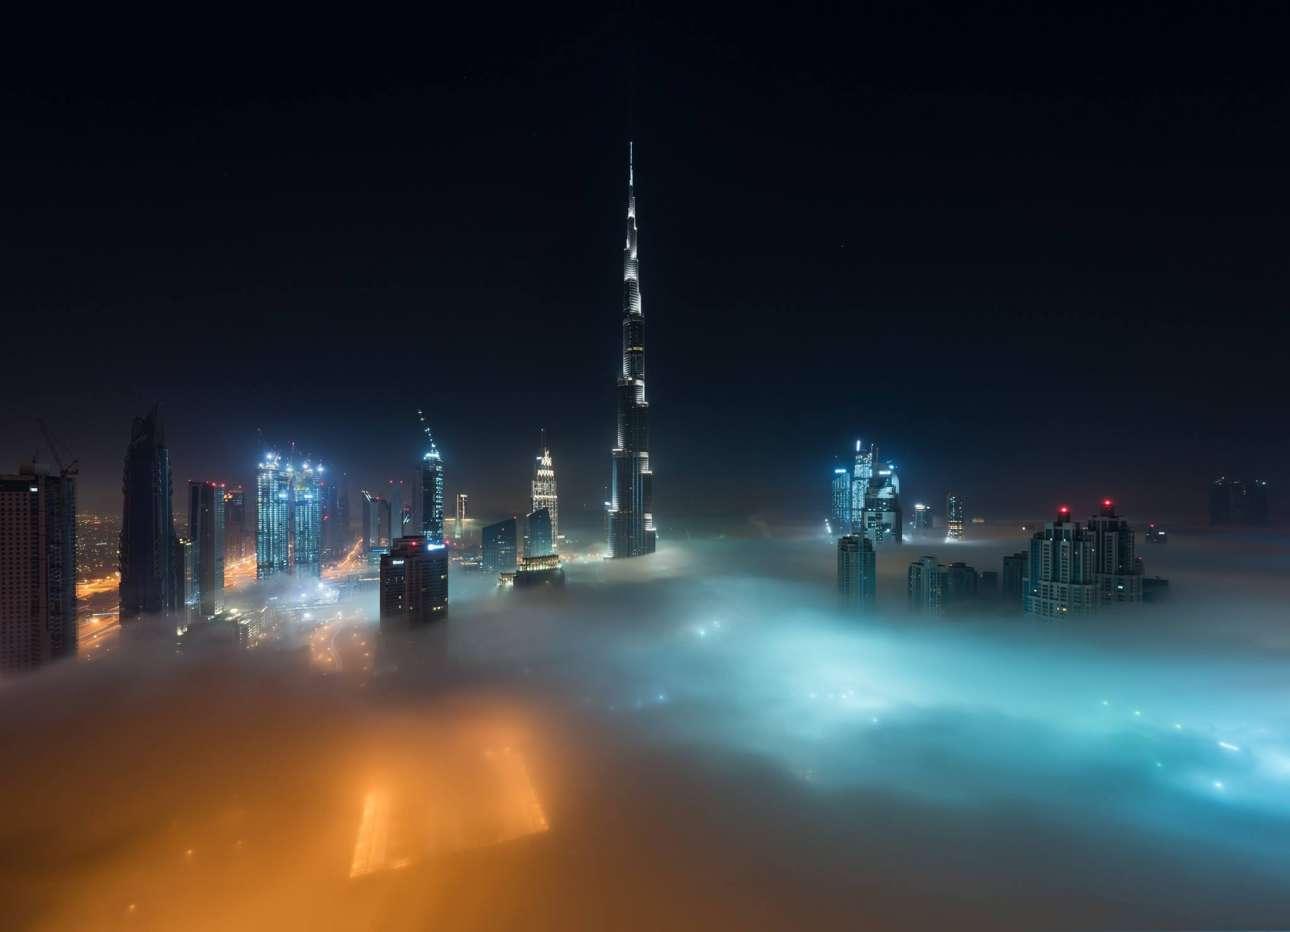 Το εντυπωσιακό Μπουρτζ Χαλίφα ξεπροβάλλει μέσα από την ομίχλη